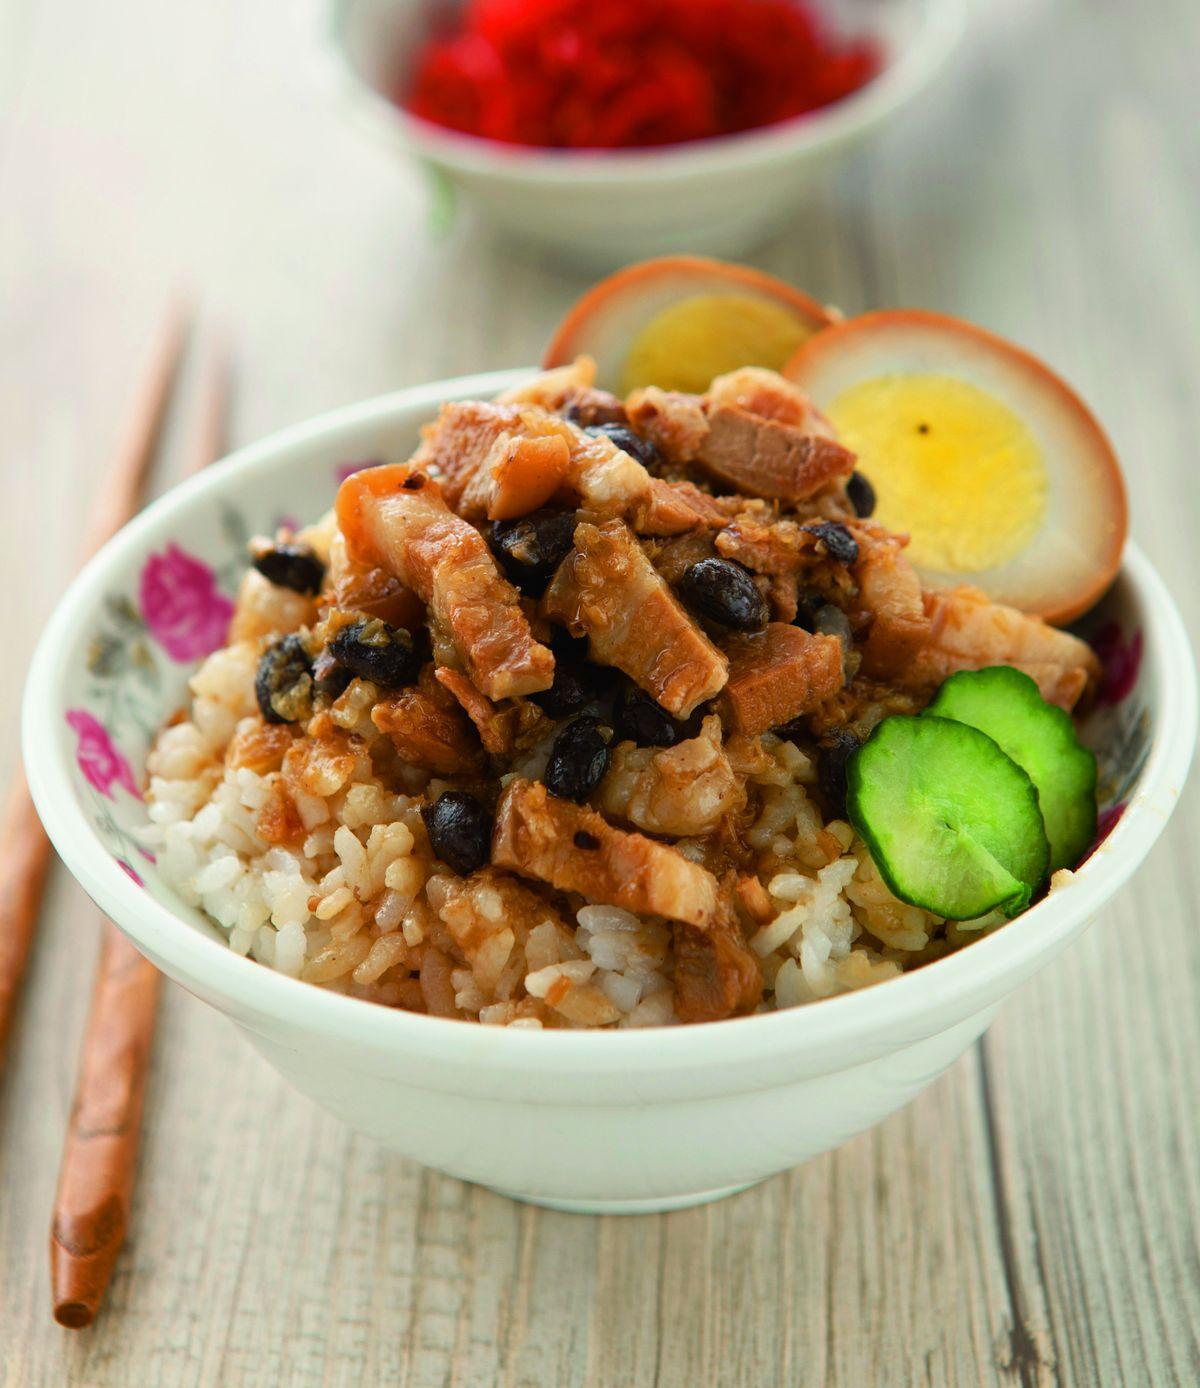 食譜:豆豉滷肉飯